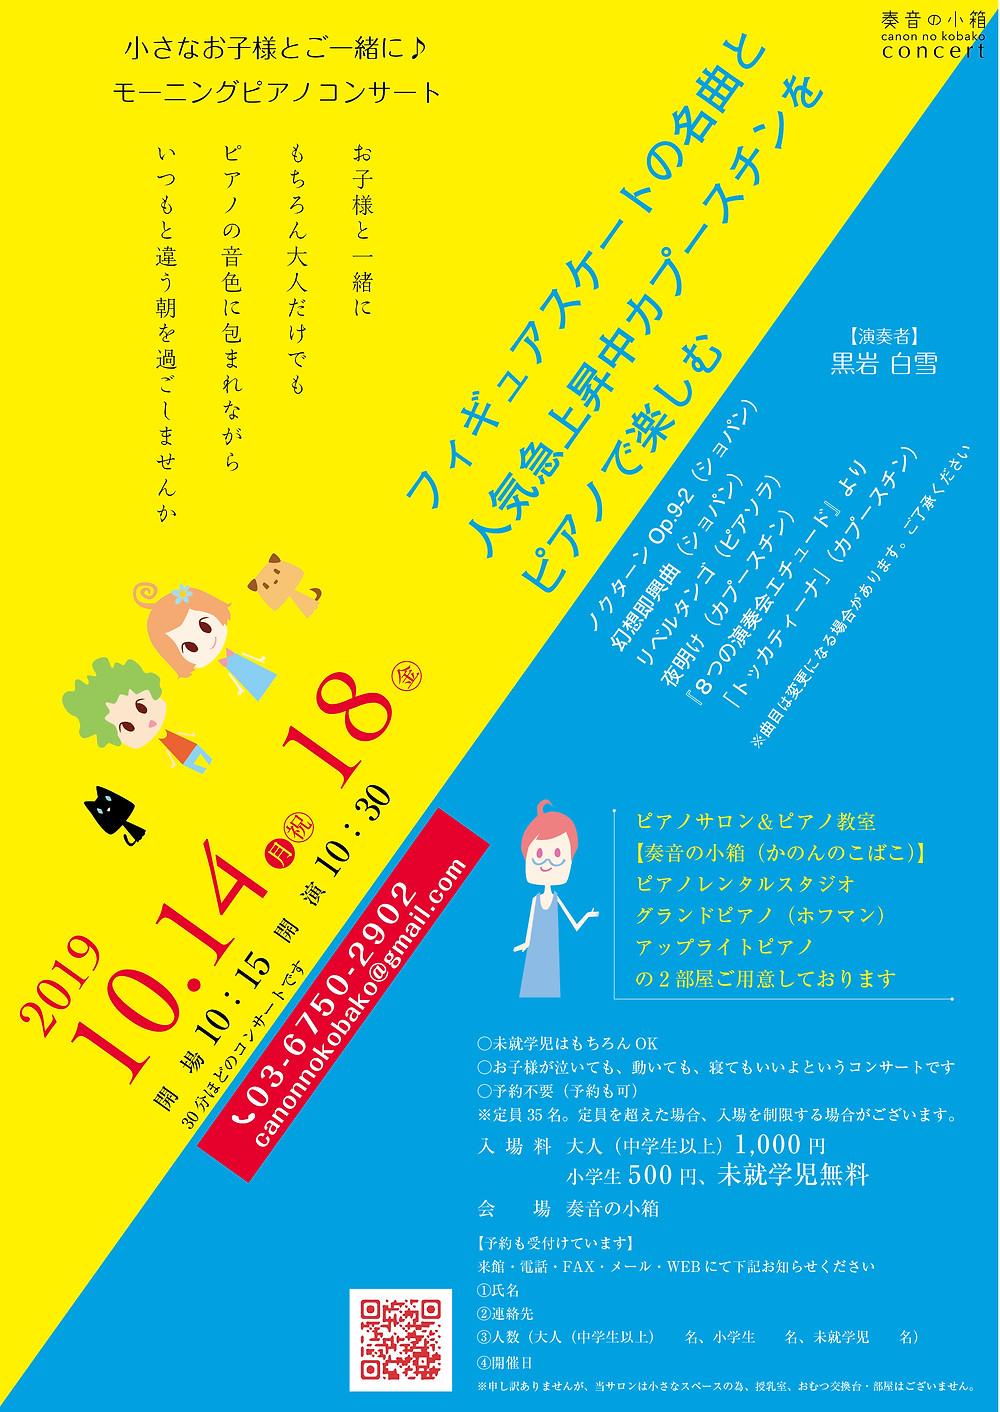 モーニングピアノコンサート 10月